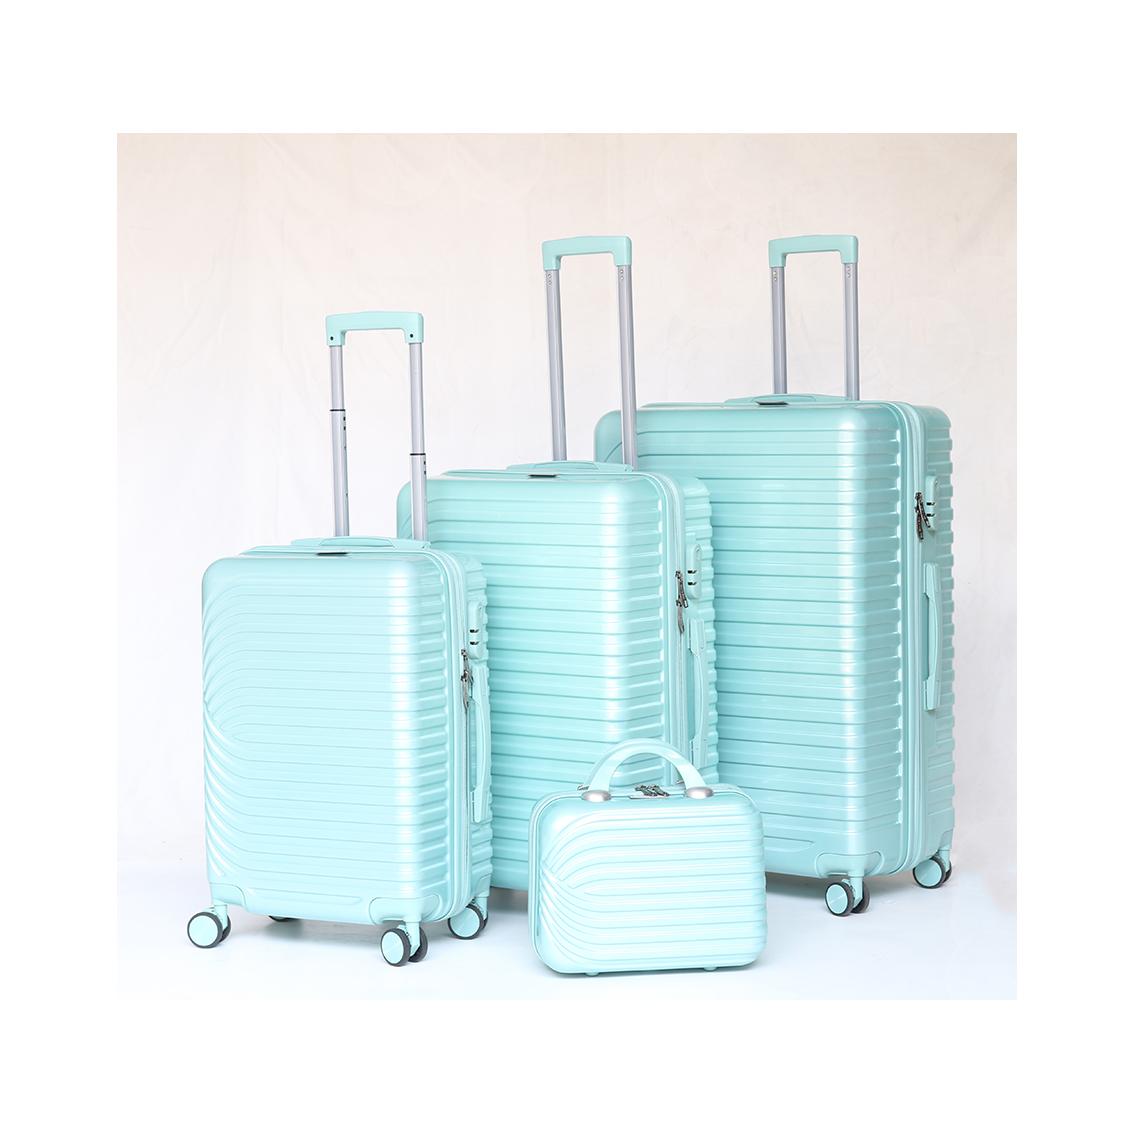 定制ABS箱化妝包多顏色28寸拉桿箱行李箱24寸旅行箱20寸登機箱萬向輪耐摔